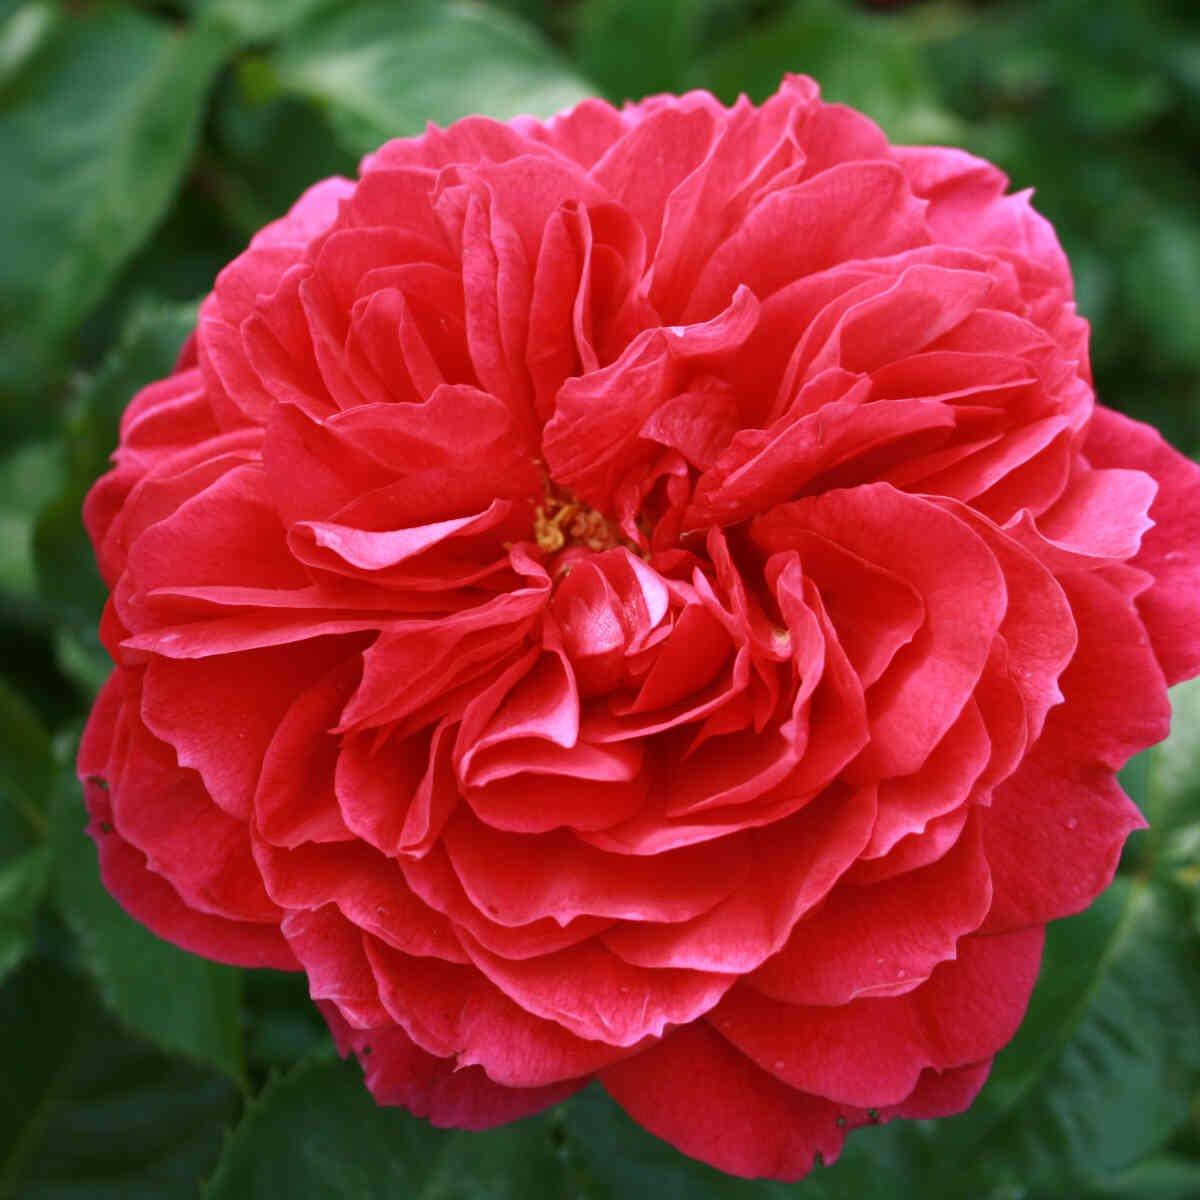 Rose 'Ryslinge rosen'